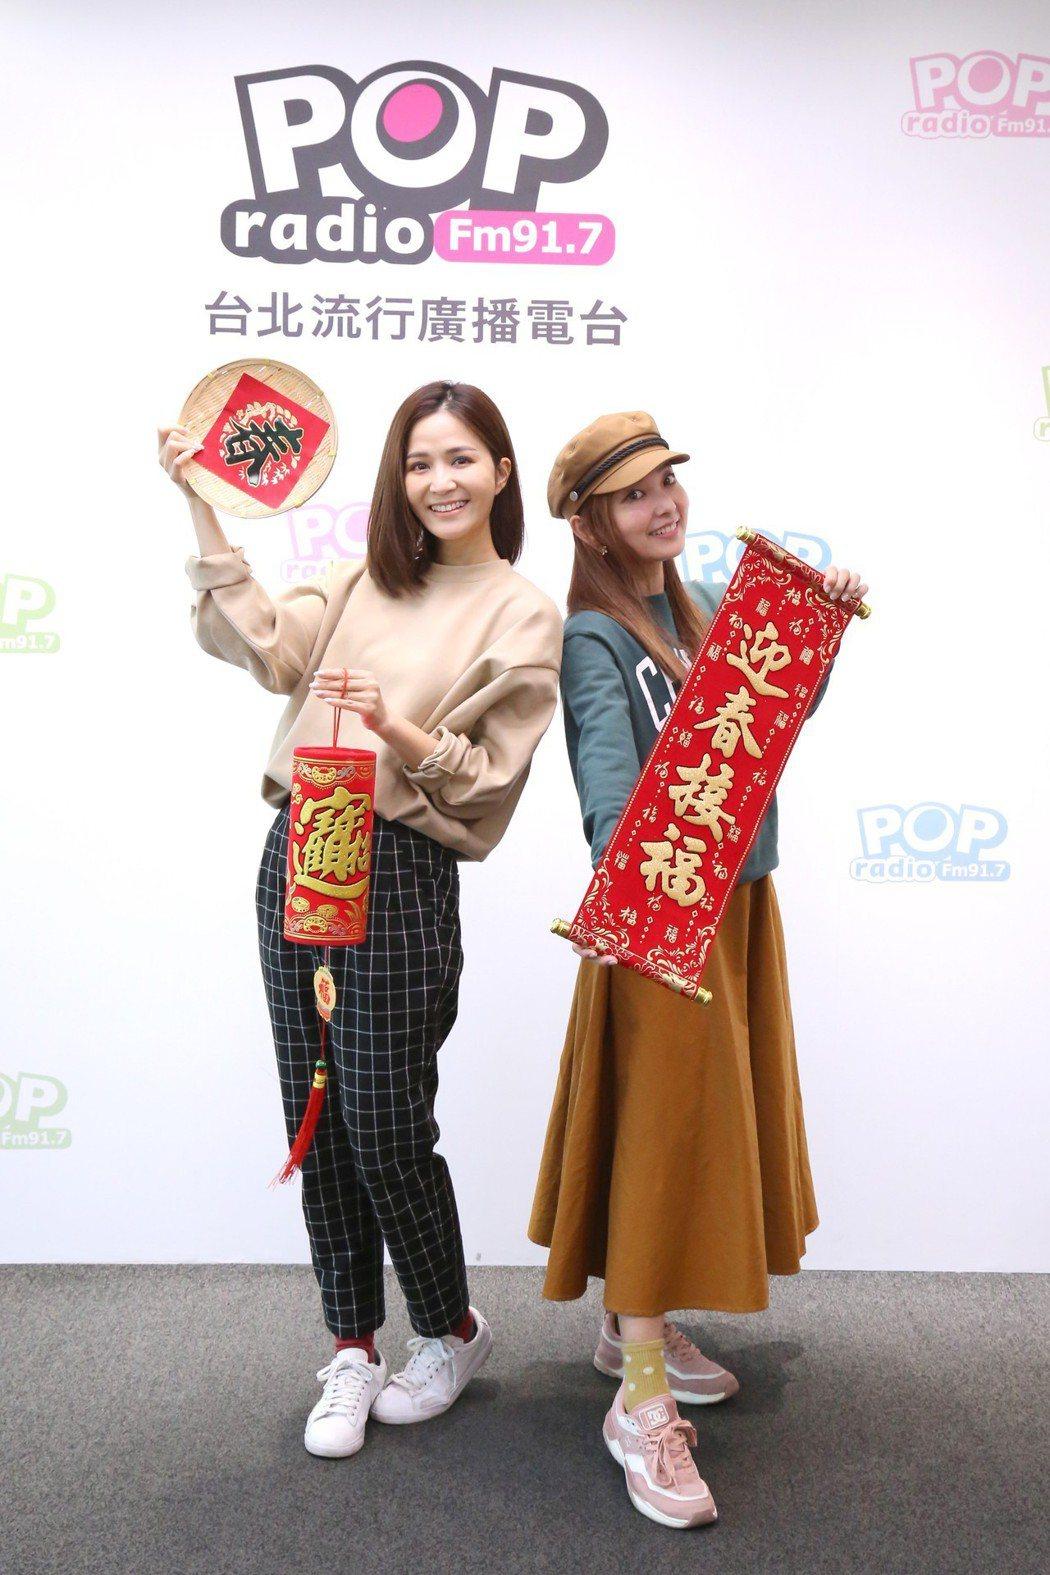 愛紗(右)接受吳怡霈訪問。圖/POP Radio提供